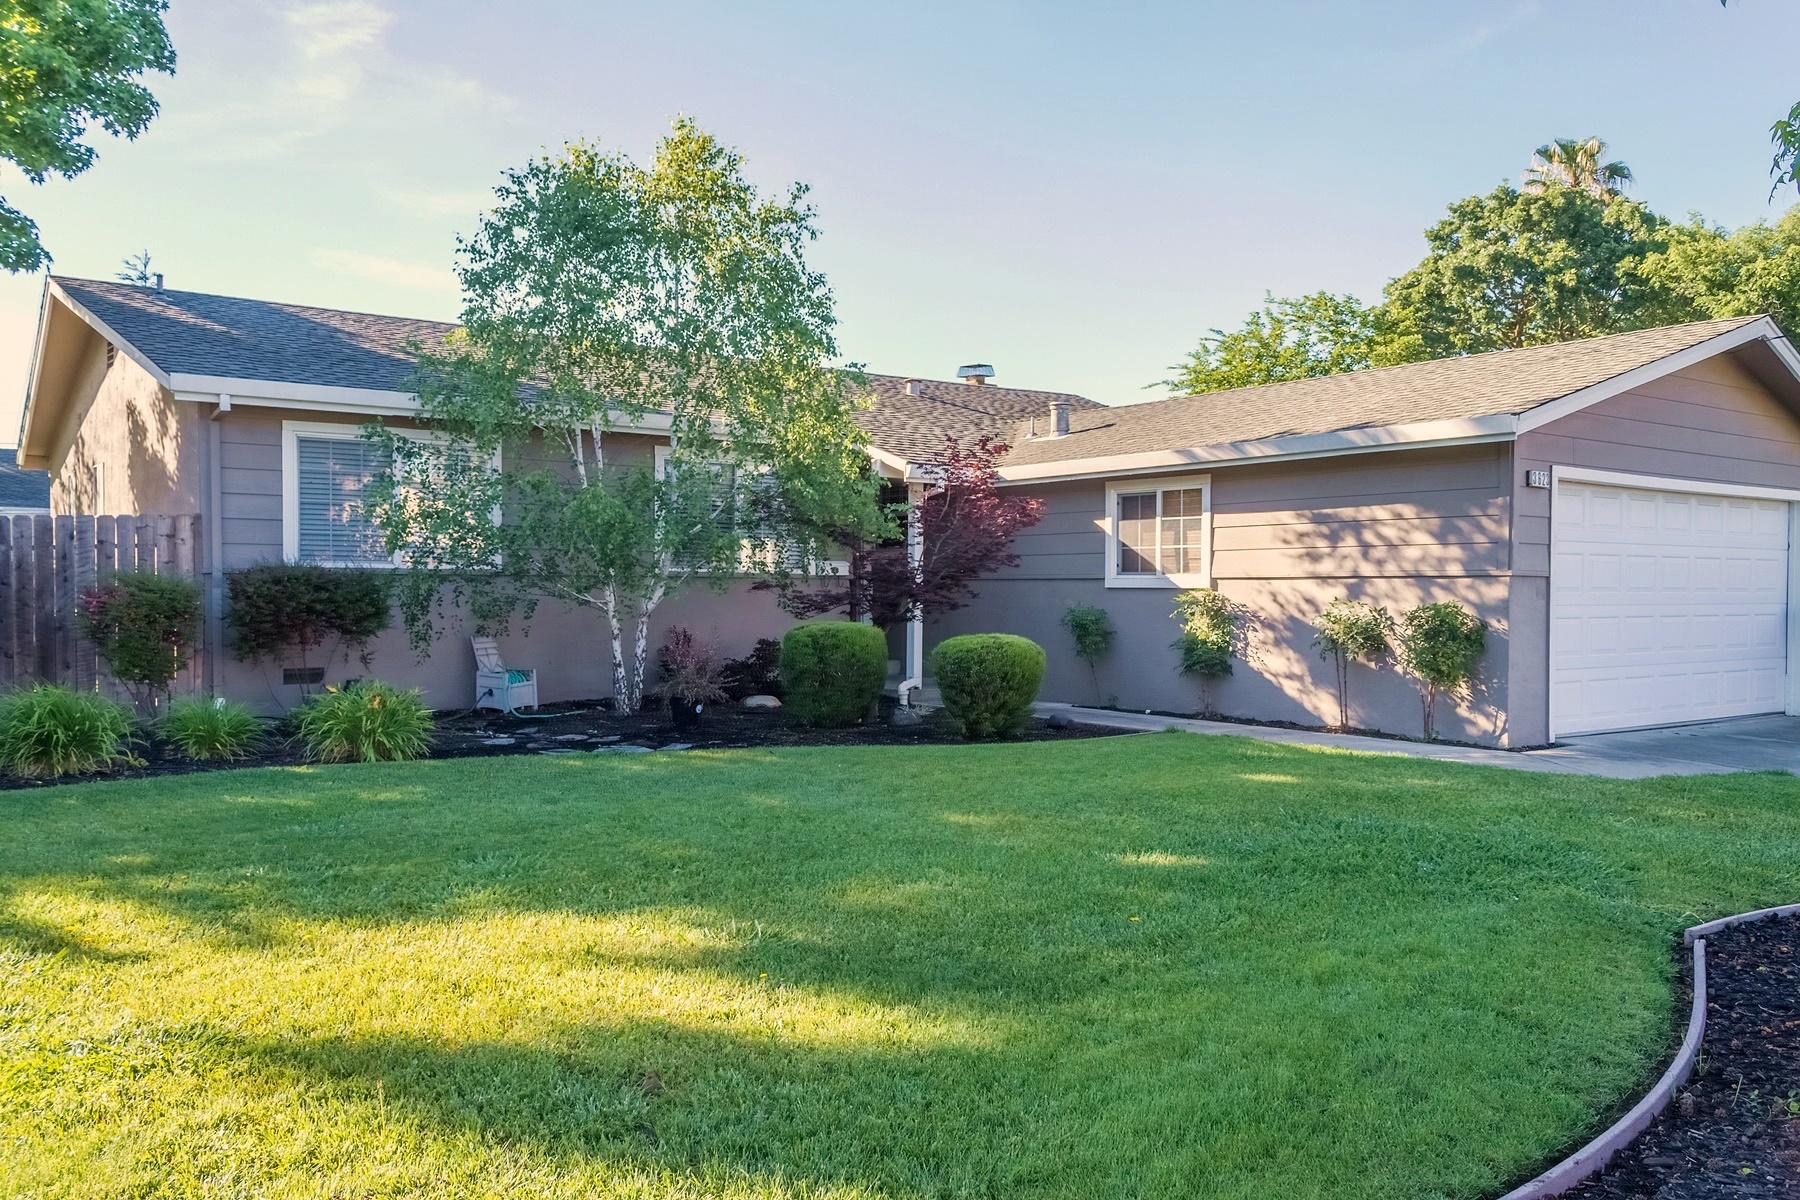 Частный односемейный дом для того Продажа на Spacious Corner Lot 3623 Vancouver Way Concord, Калифорния 94520 Соединенные Штаты